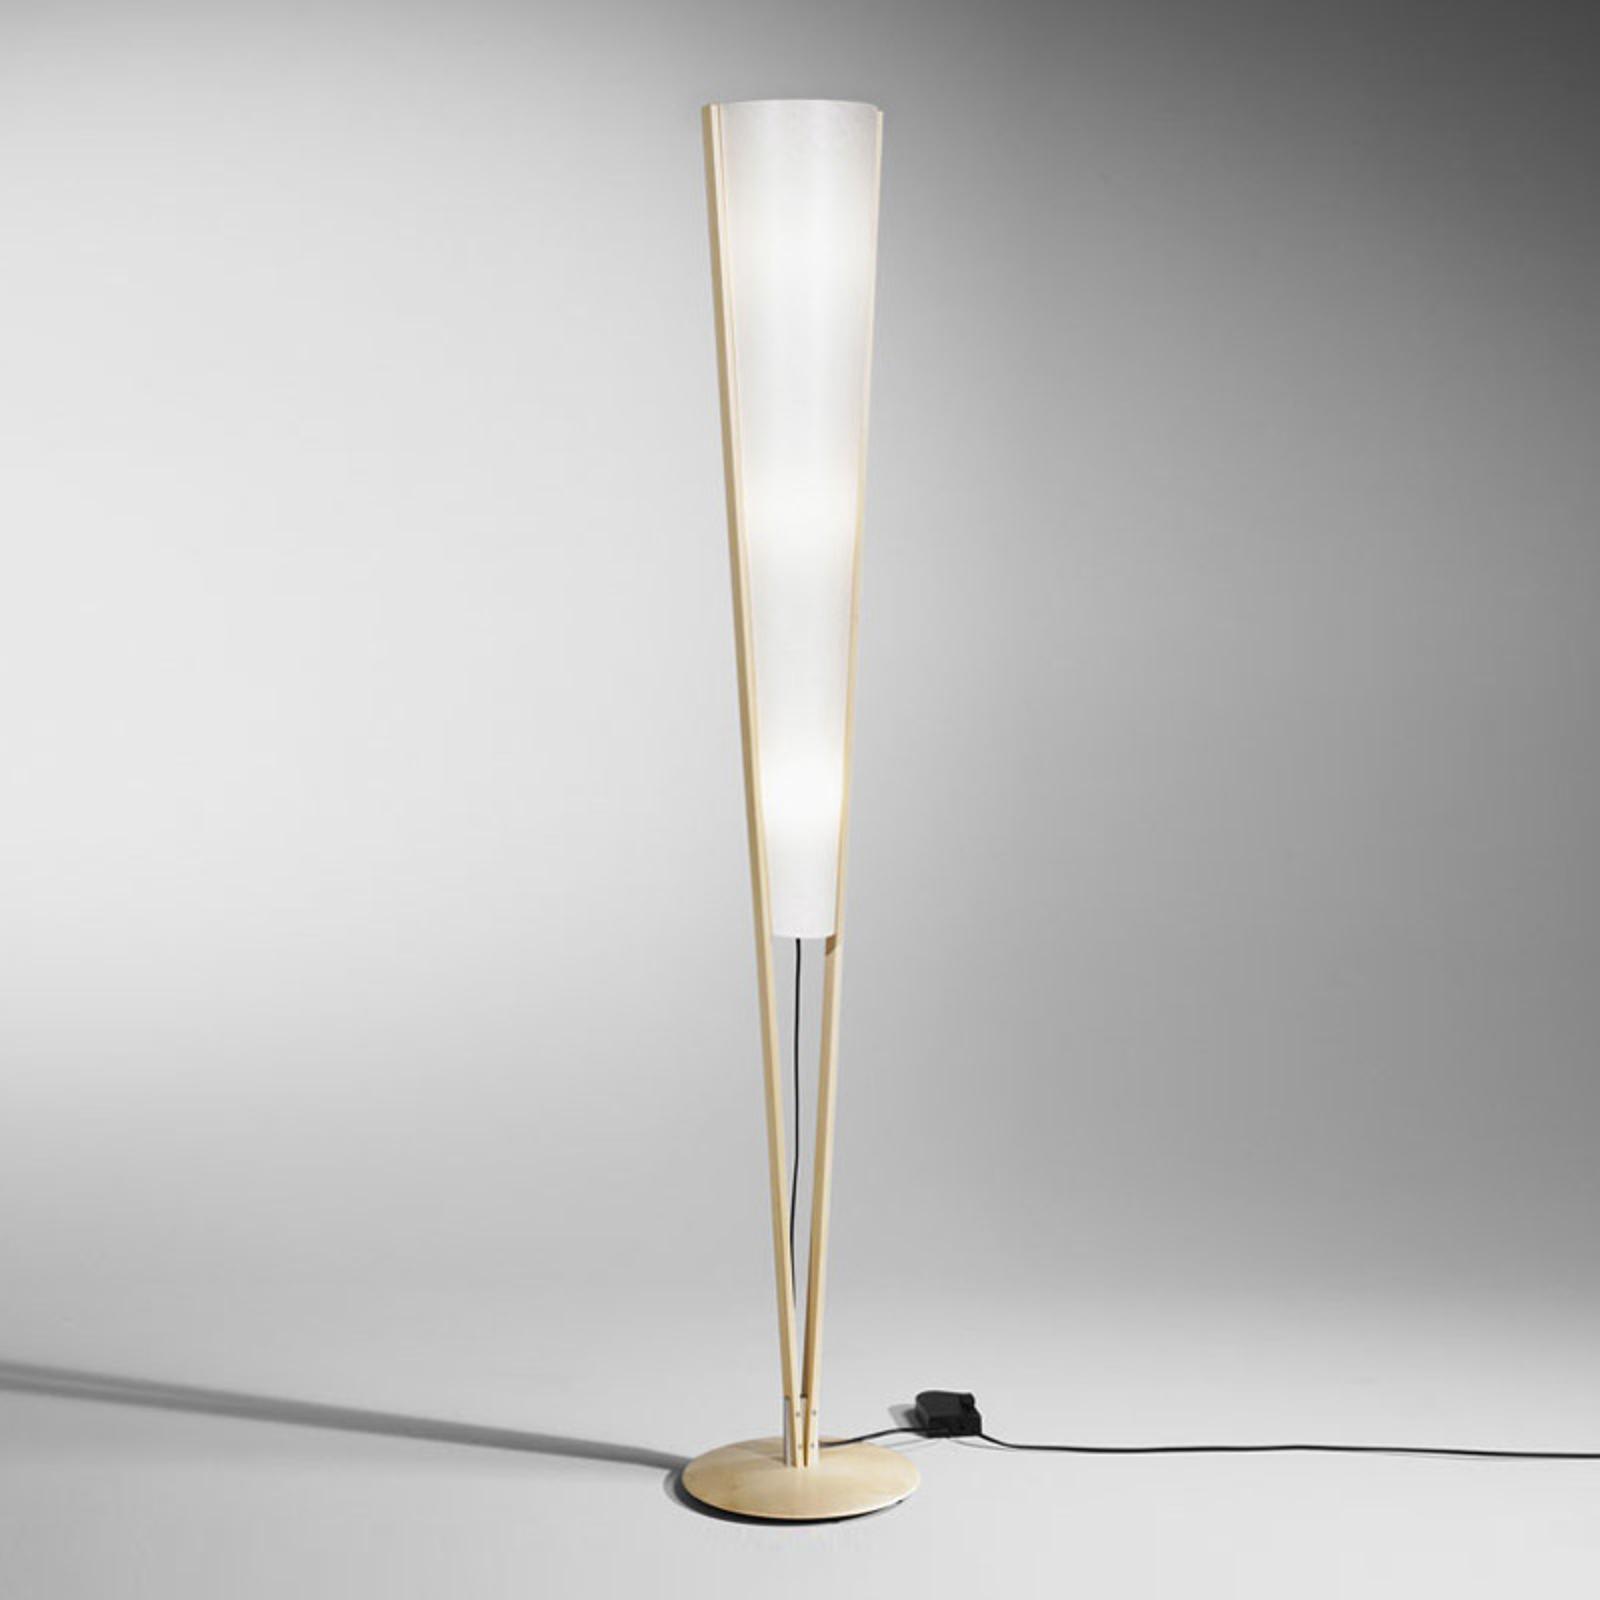 Lampa stojąca Seba ze ściemniaczem nożnym, buk